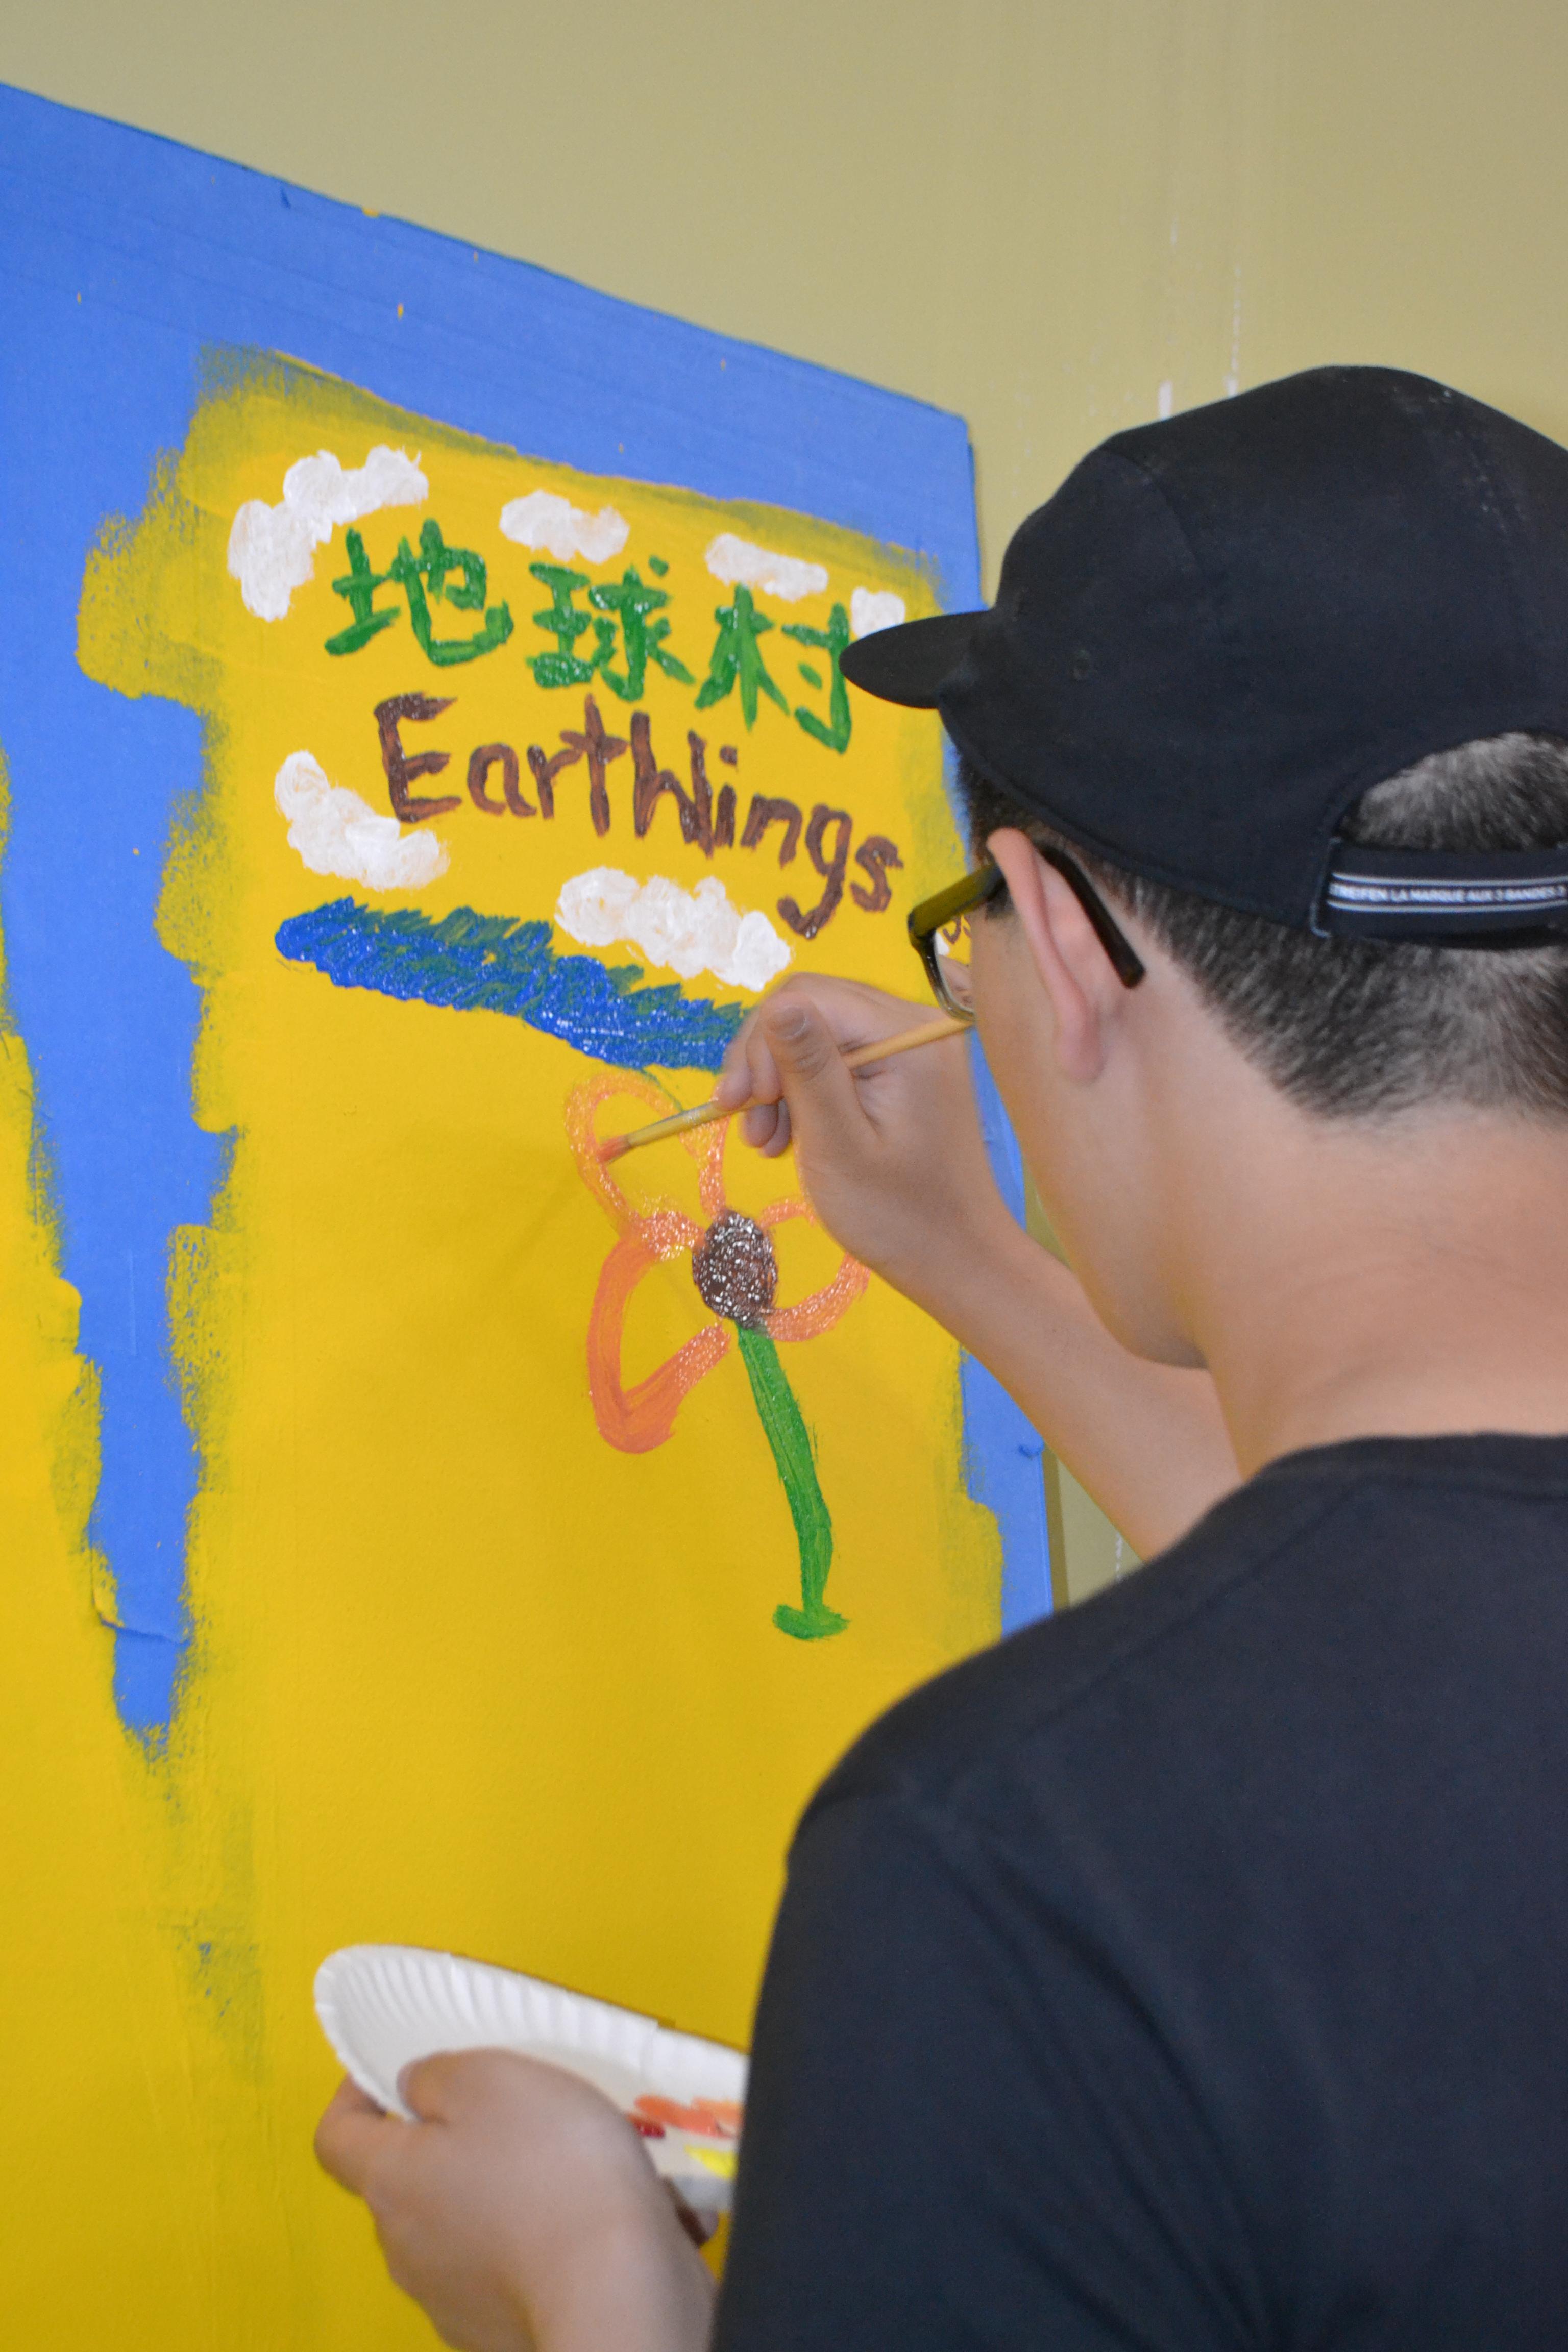 Earthlings_mural